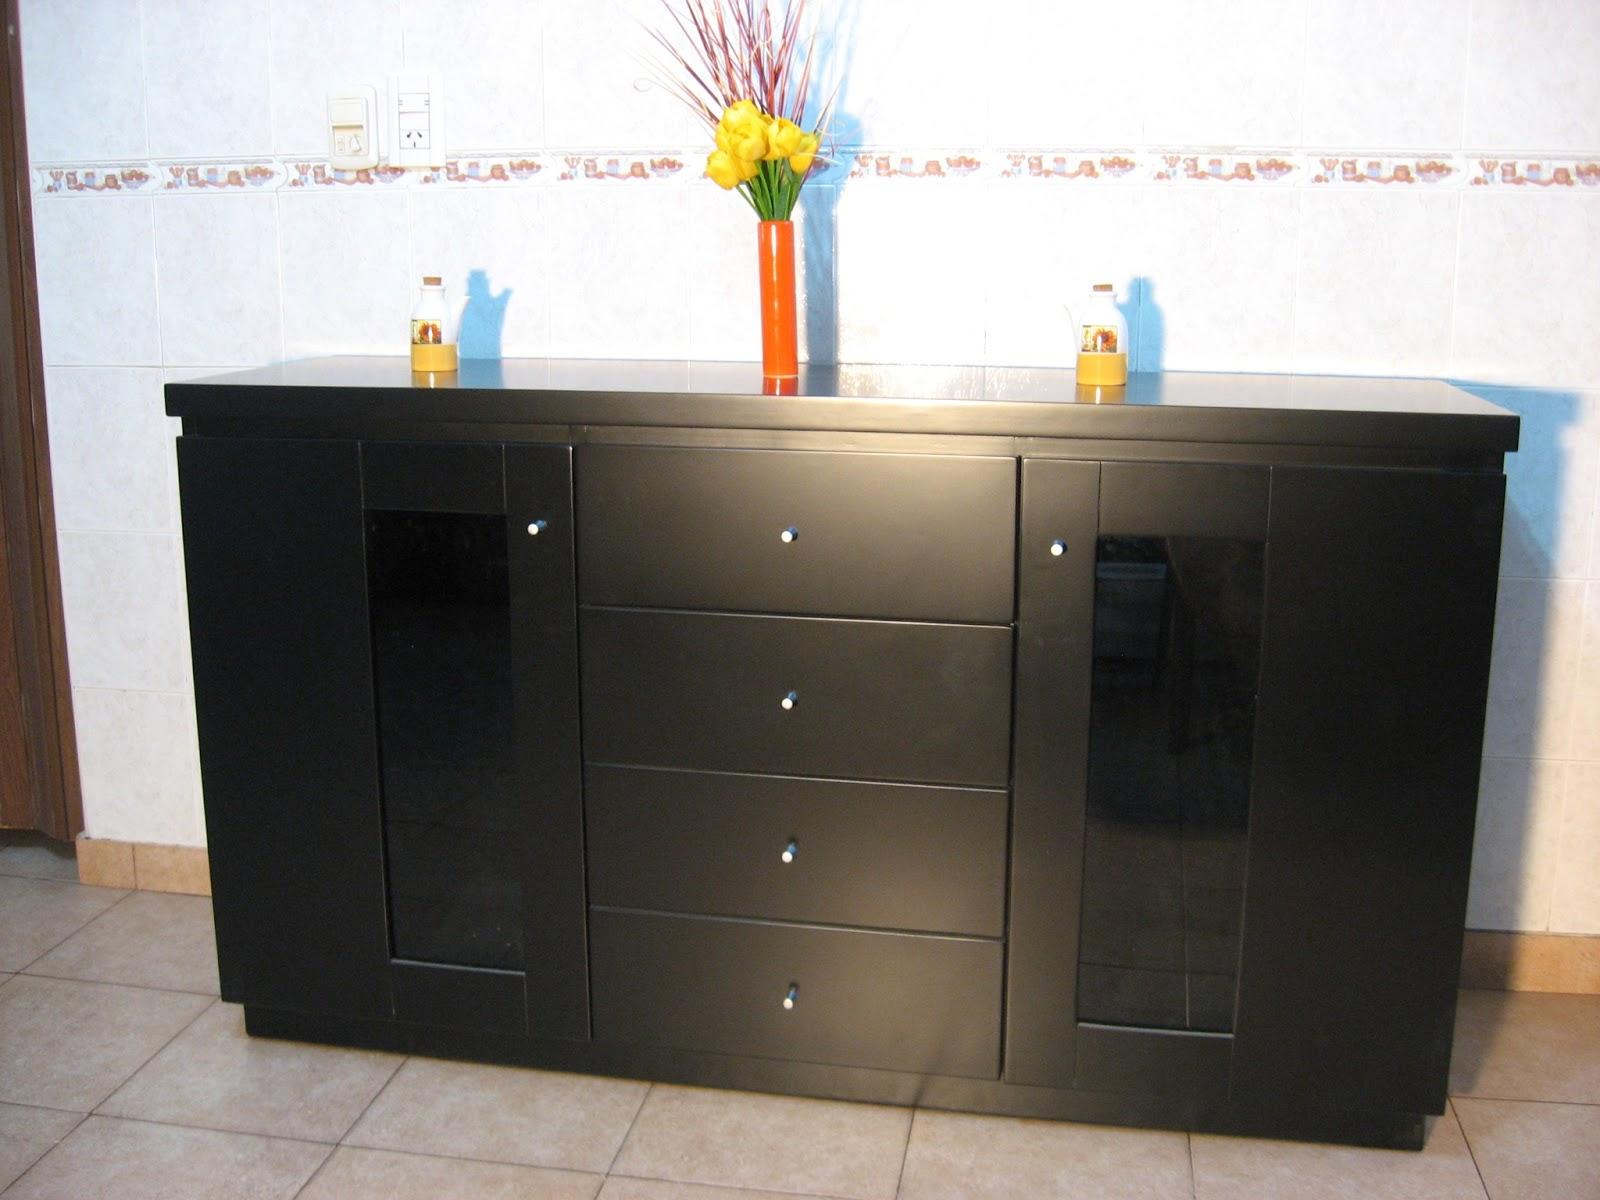 Fabrica de muebles enero 2013 for Muebles laqueados